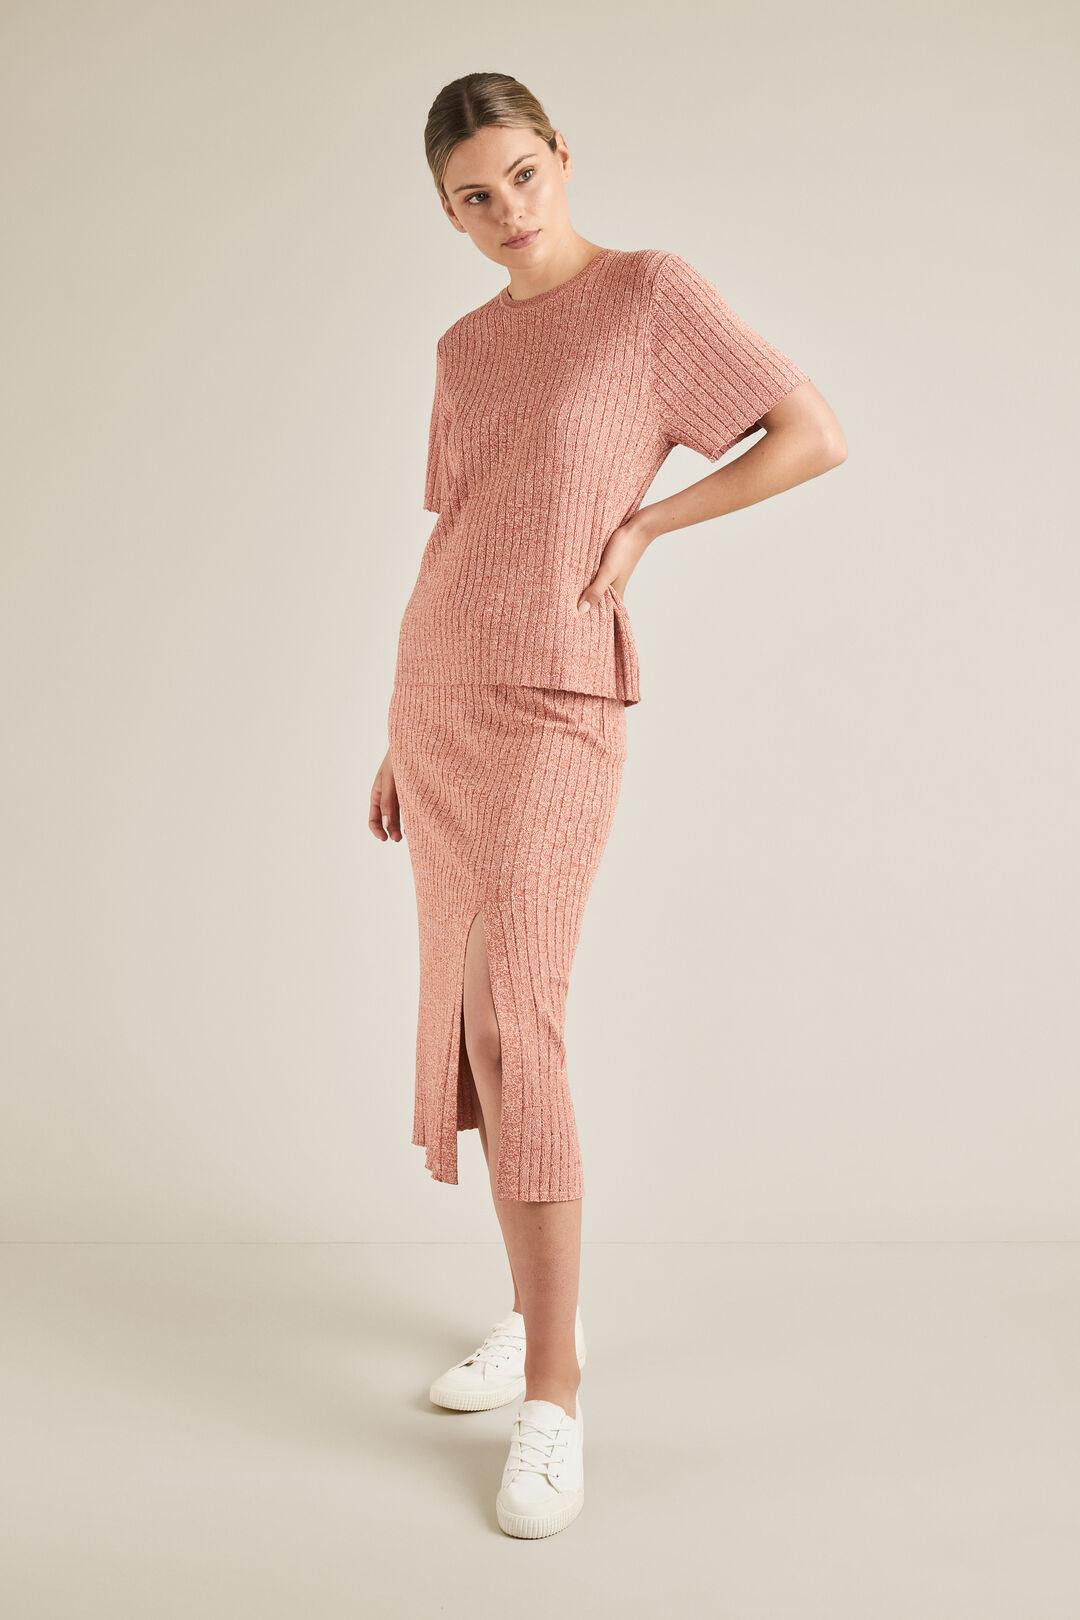 Space Dye Knit Skirt  SPACE DYE  hi-res